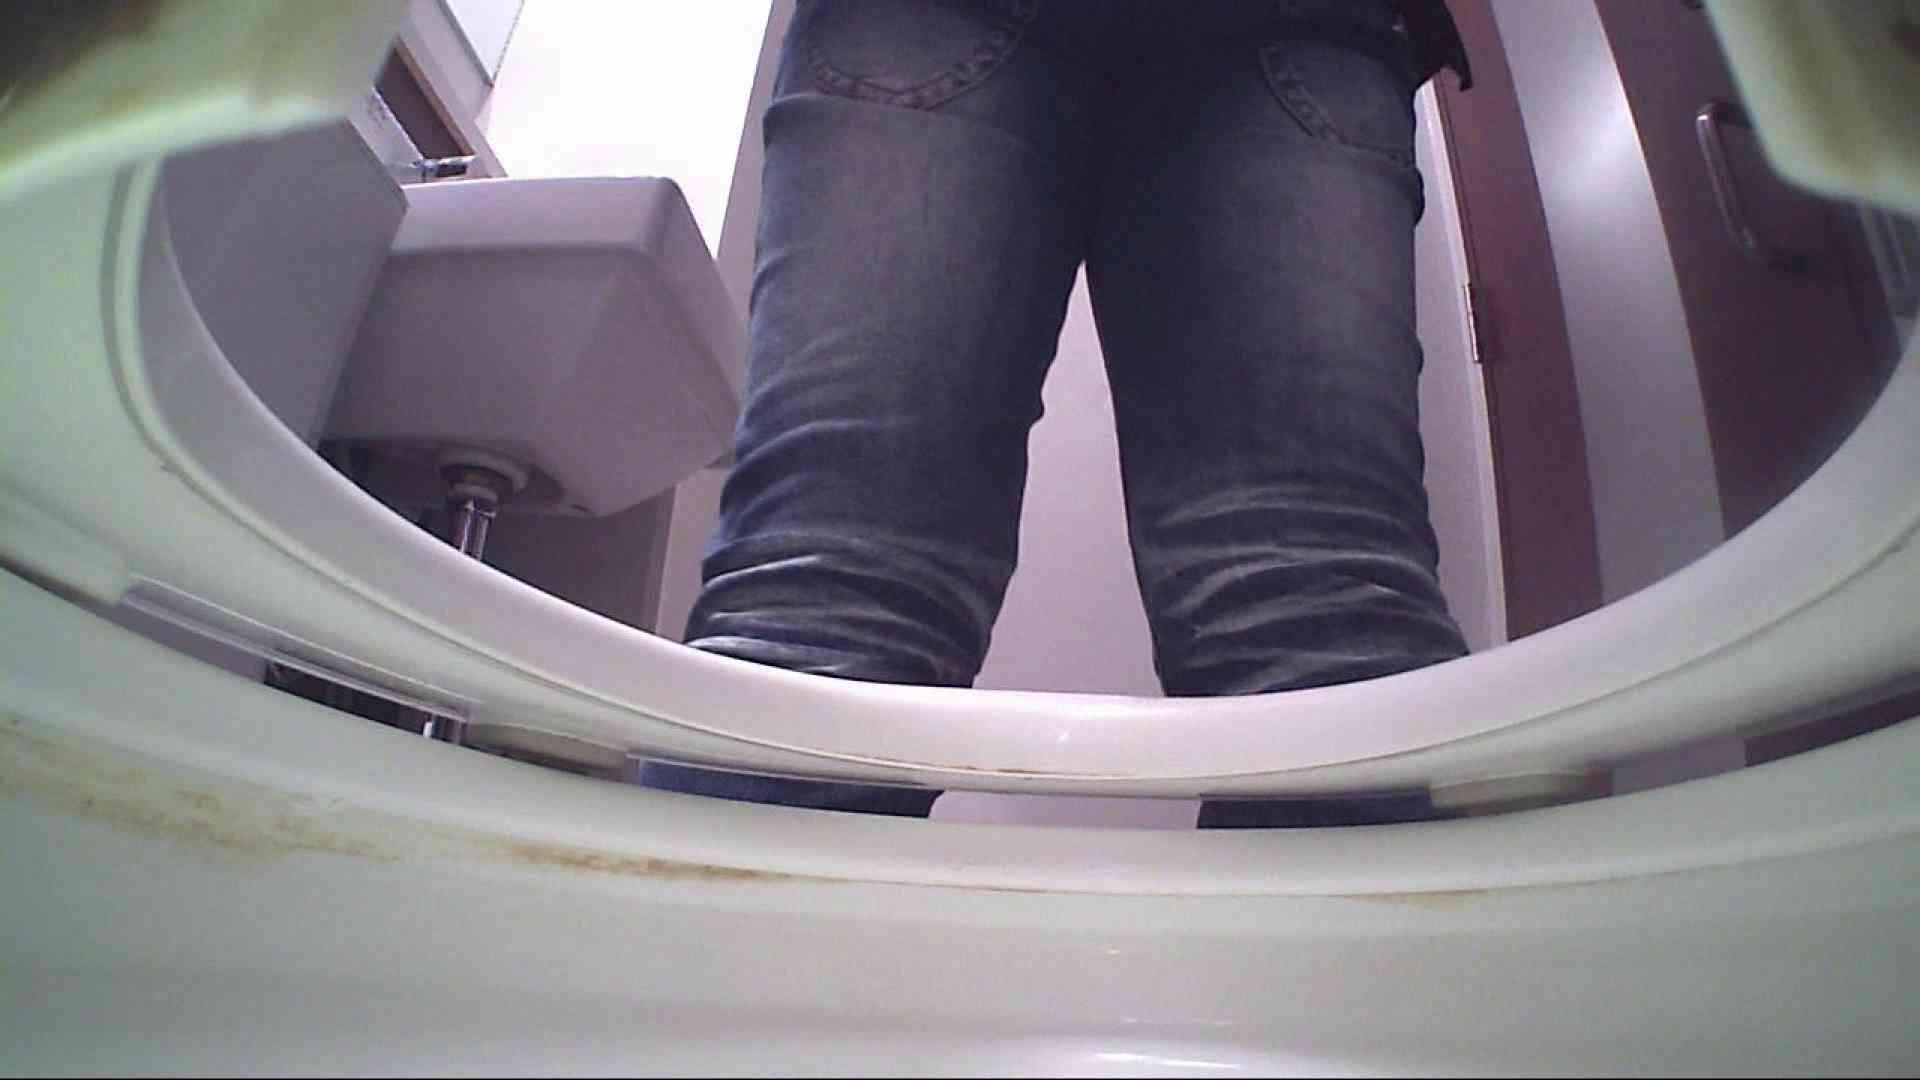 おちんちん|すみませんが覗かせてください Vol.28|トイレ